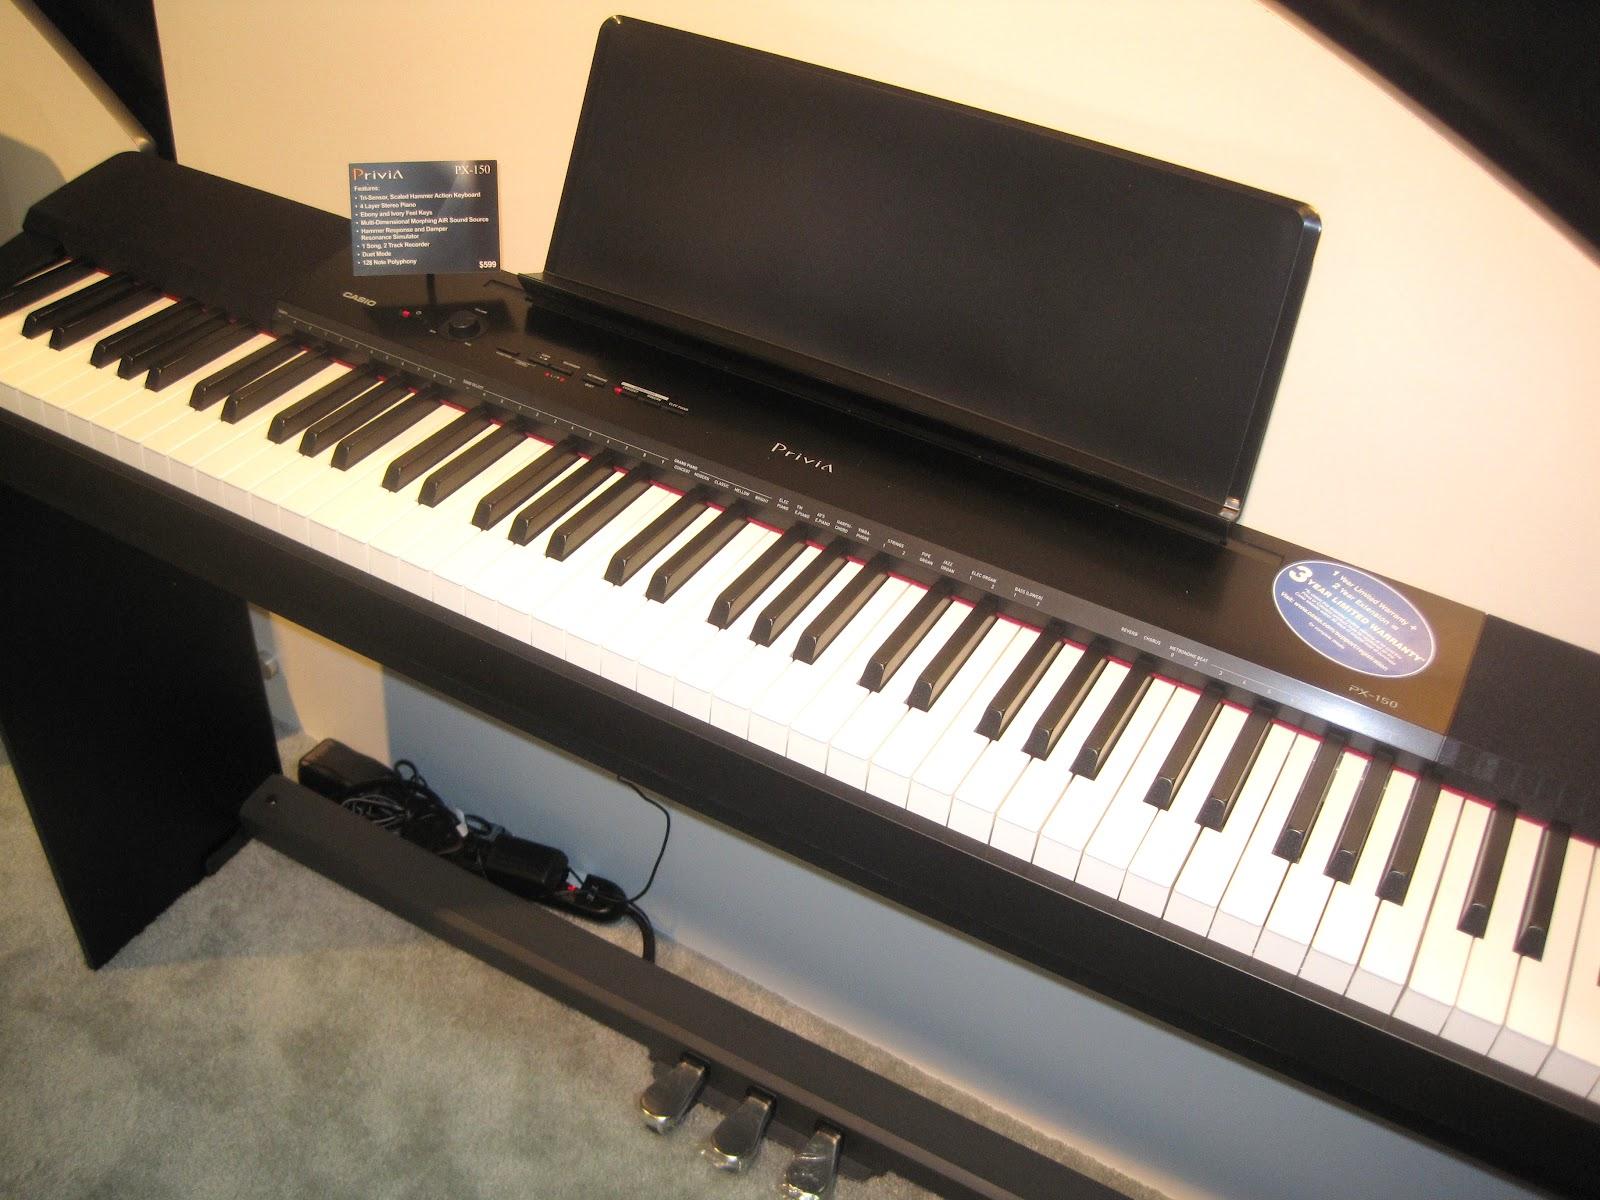 az piano reviews review yamaha p105 digital piano very impressive digital piano reviews. Black Bedroom Furniture Sets. Home Design Ideas